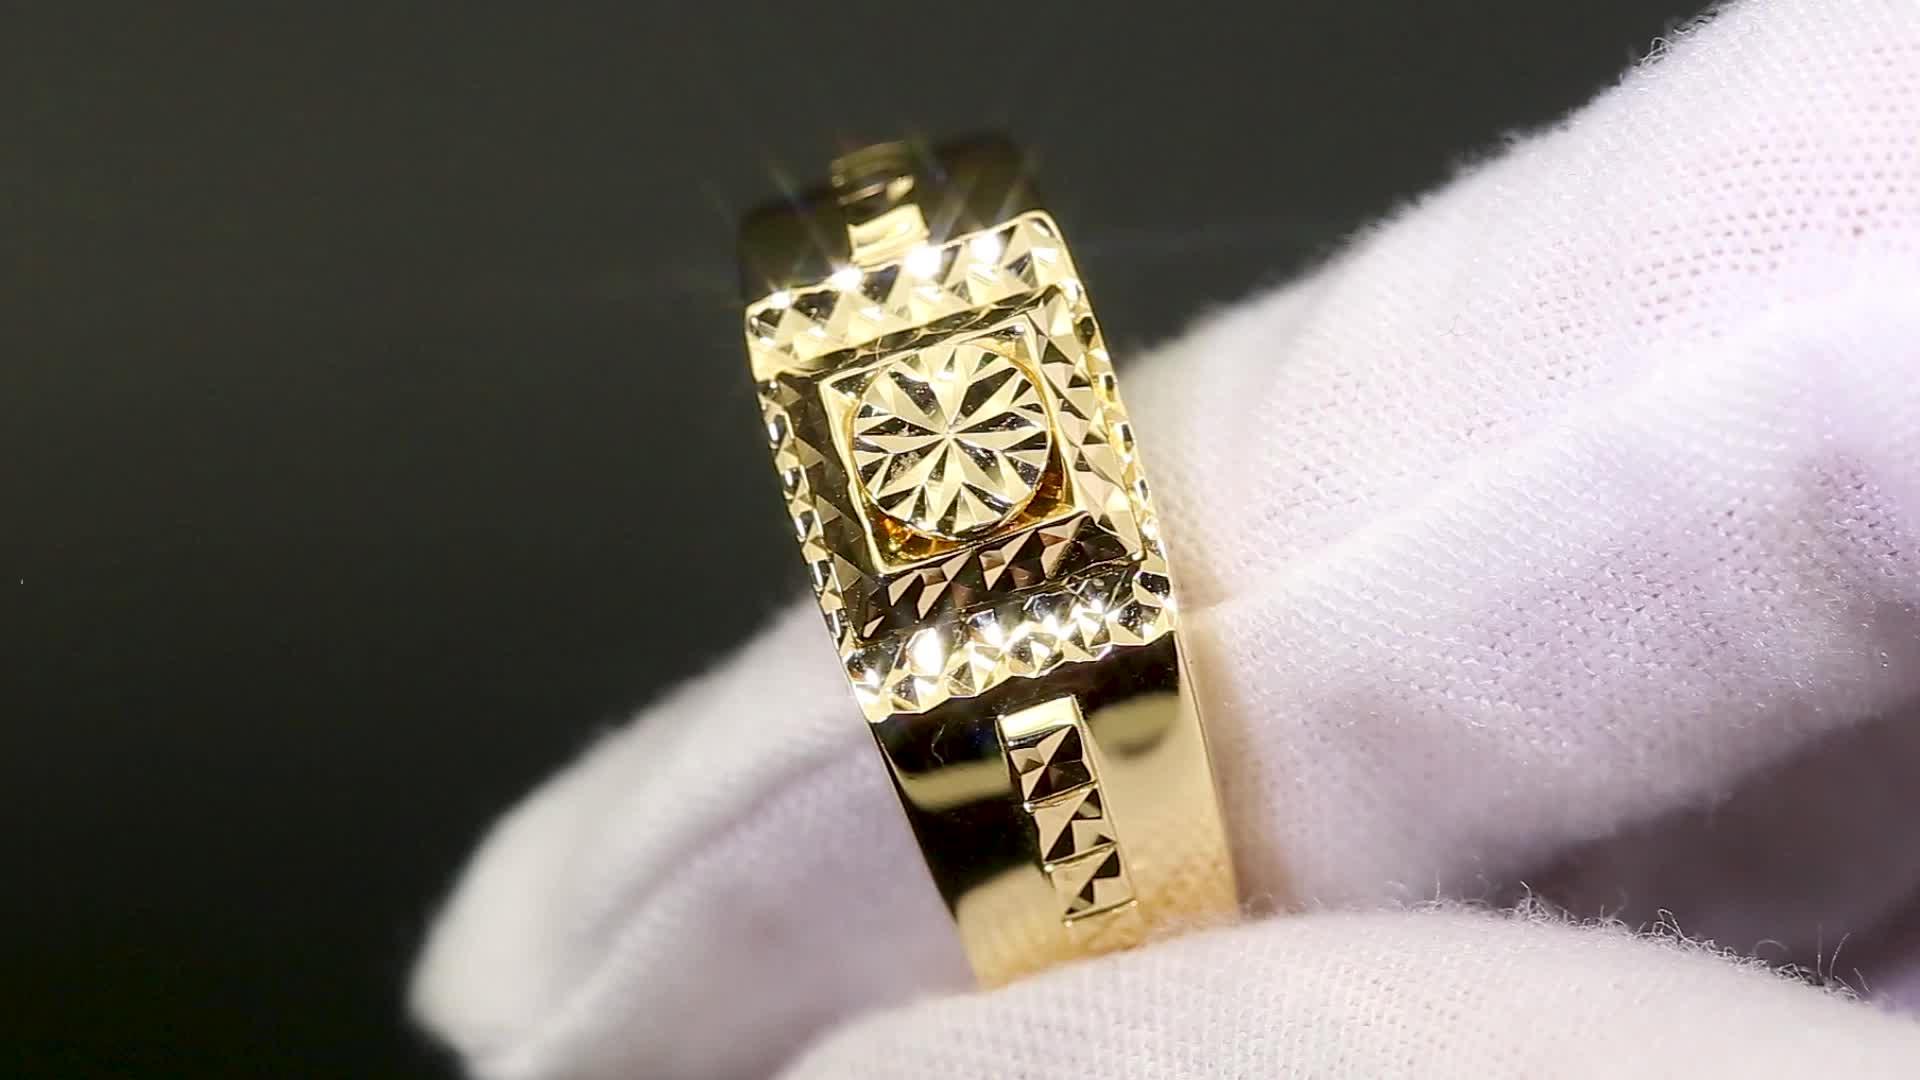 Messi Đá Quý Tùy Chỉnh Đồ Trang Sức Hoa Hồng Trắng Vàng Engagement Wedding 14 K 18 K Đồng Bằng Nhẫn Vàng Cho Nam Giới